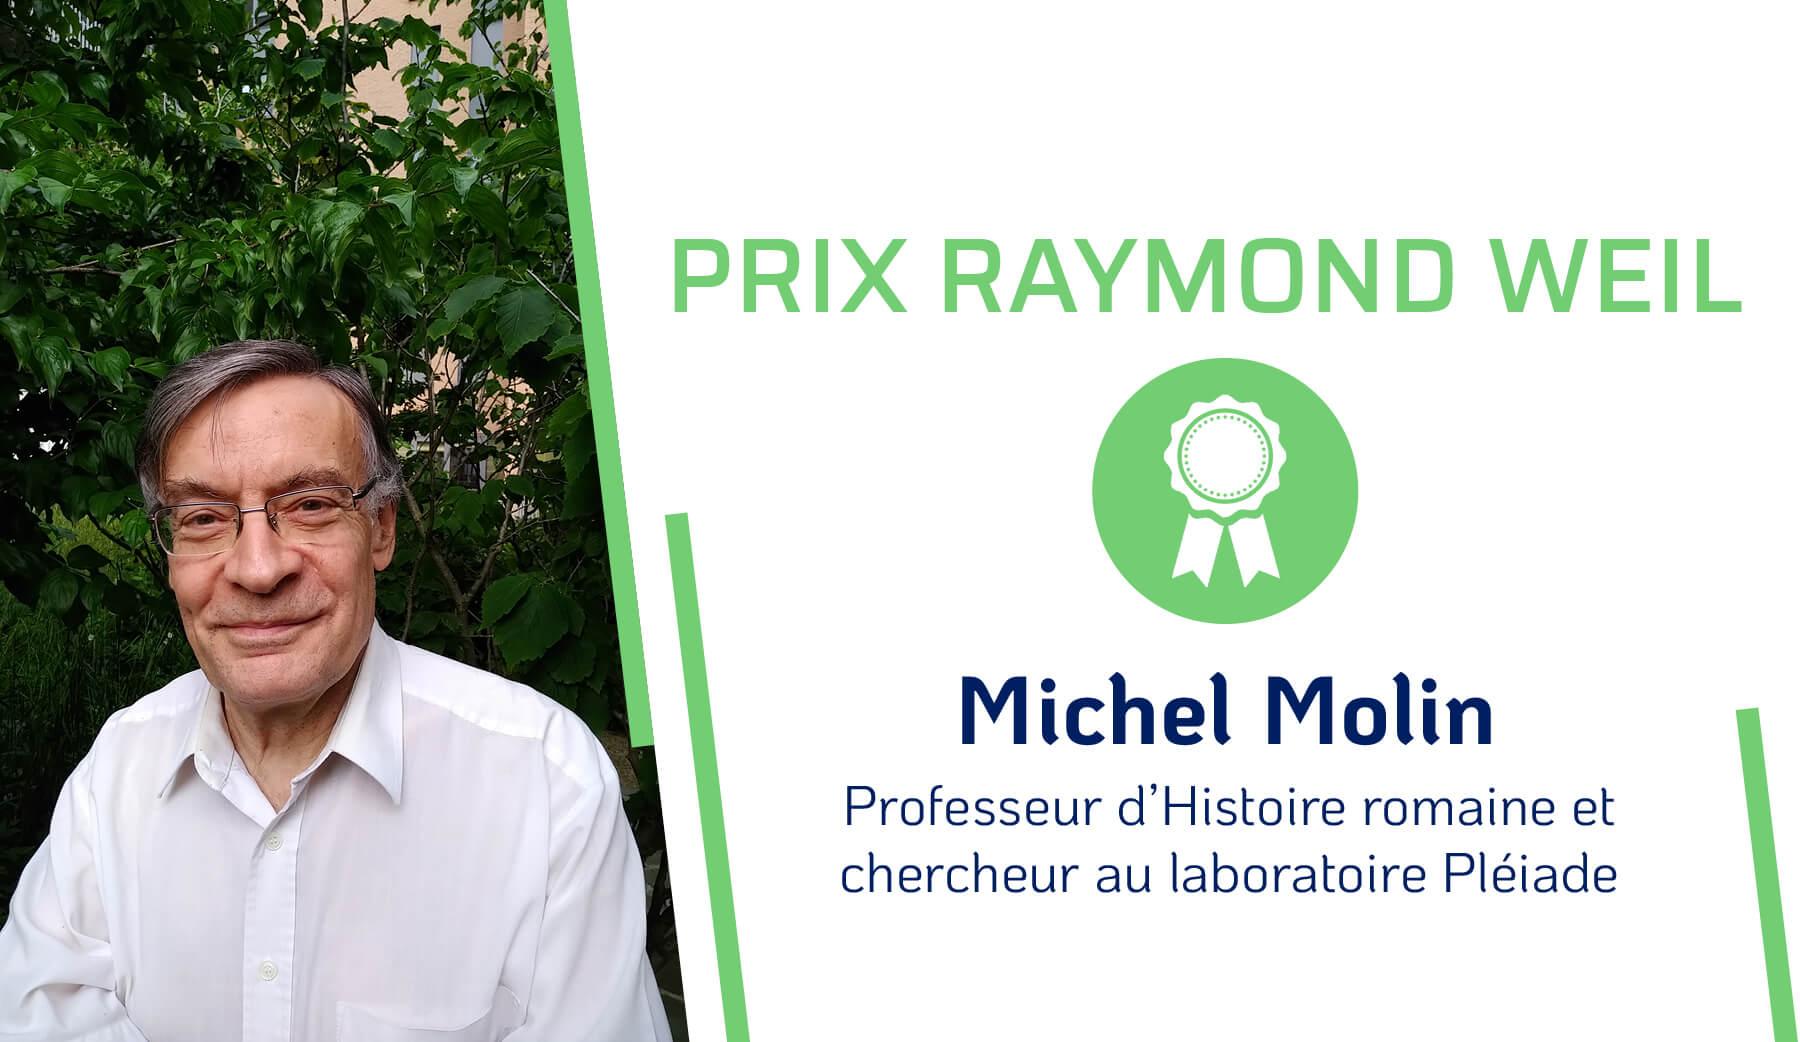 Prix Raymond Weil - Michel Molin